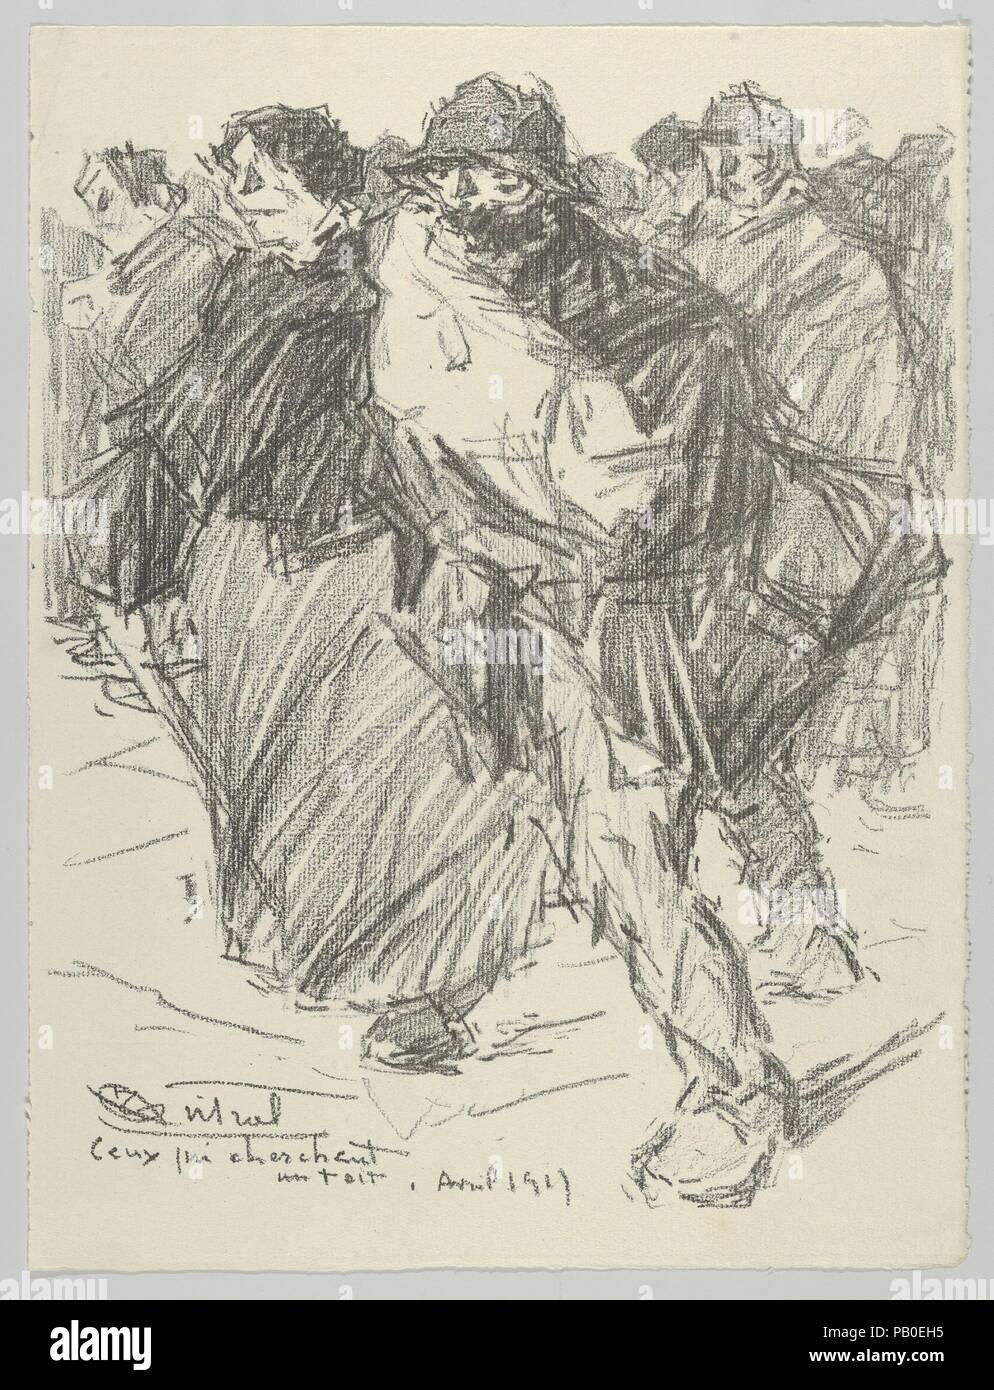 Ceux Qui Cherchent Un Toit From Les Evacus Artist Louis Robert Antral